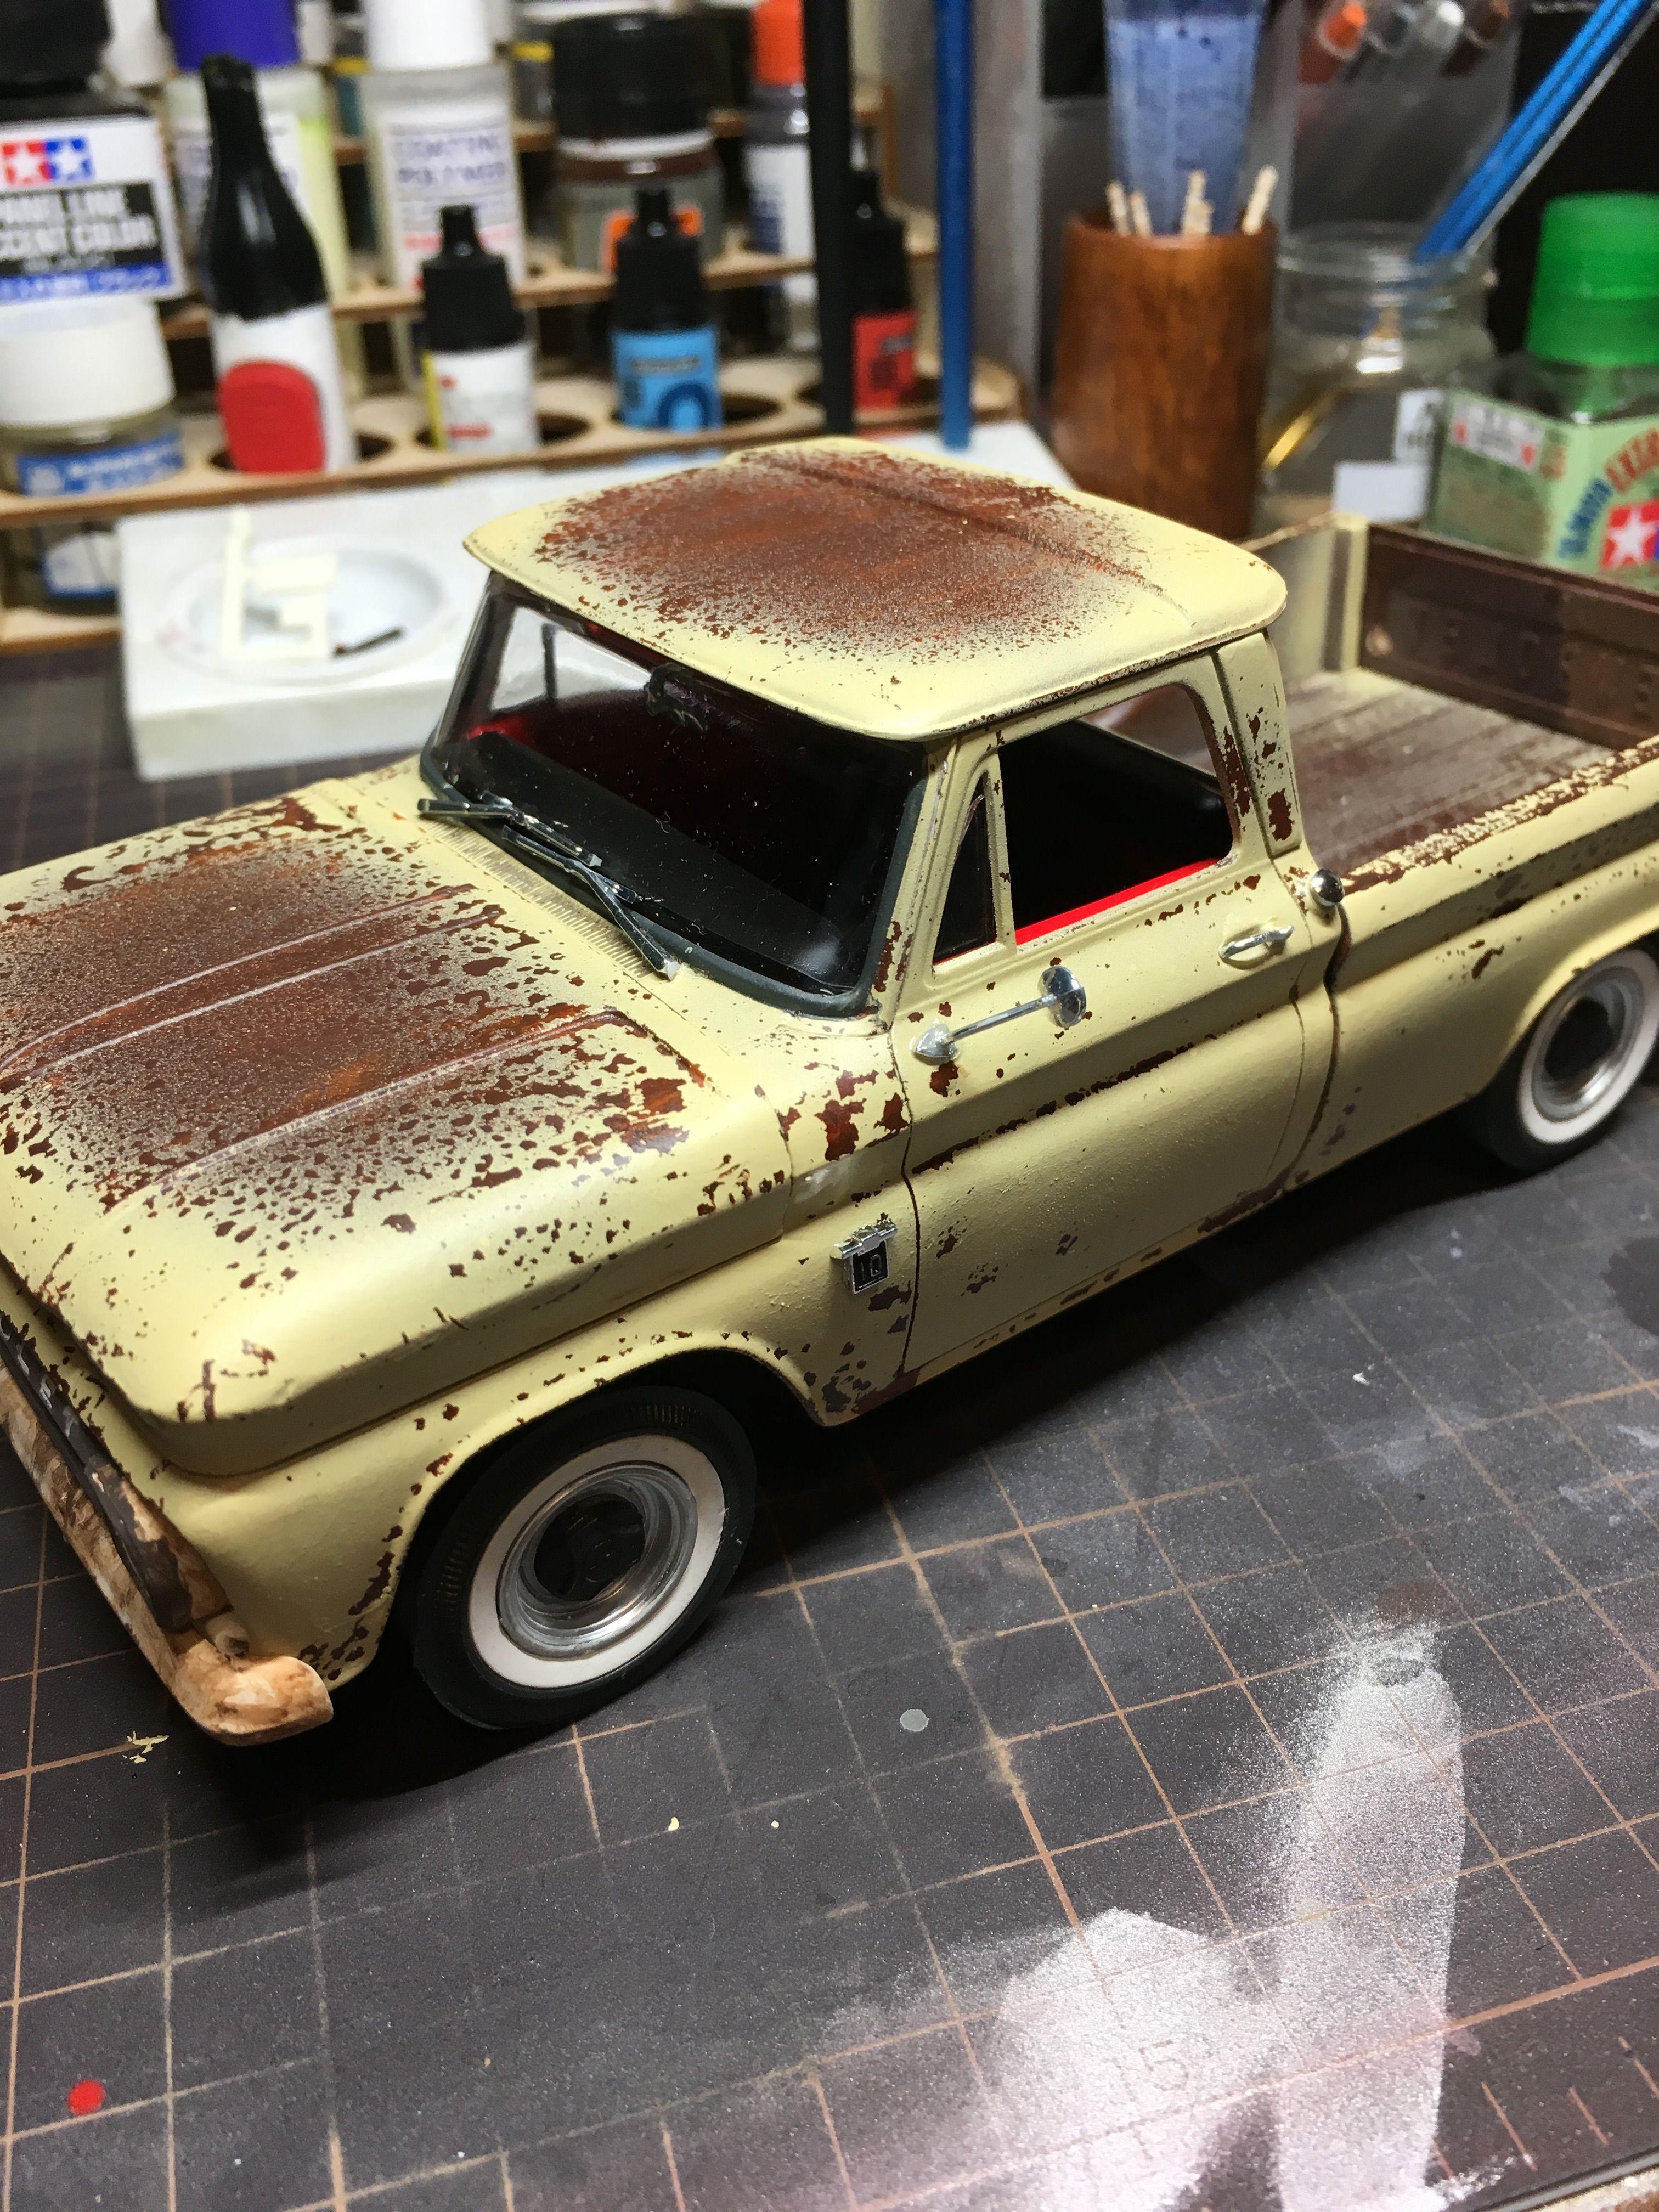 64 Chevy Fleetside Pickup 1 25 Revell Model Cars Kits